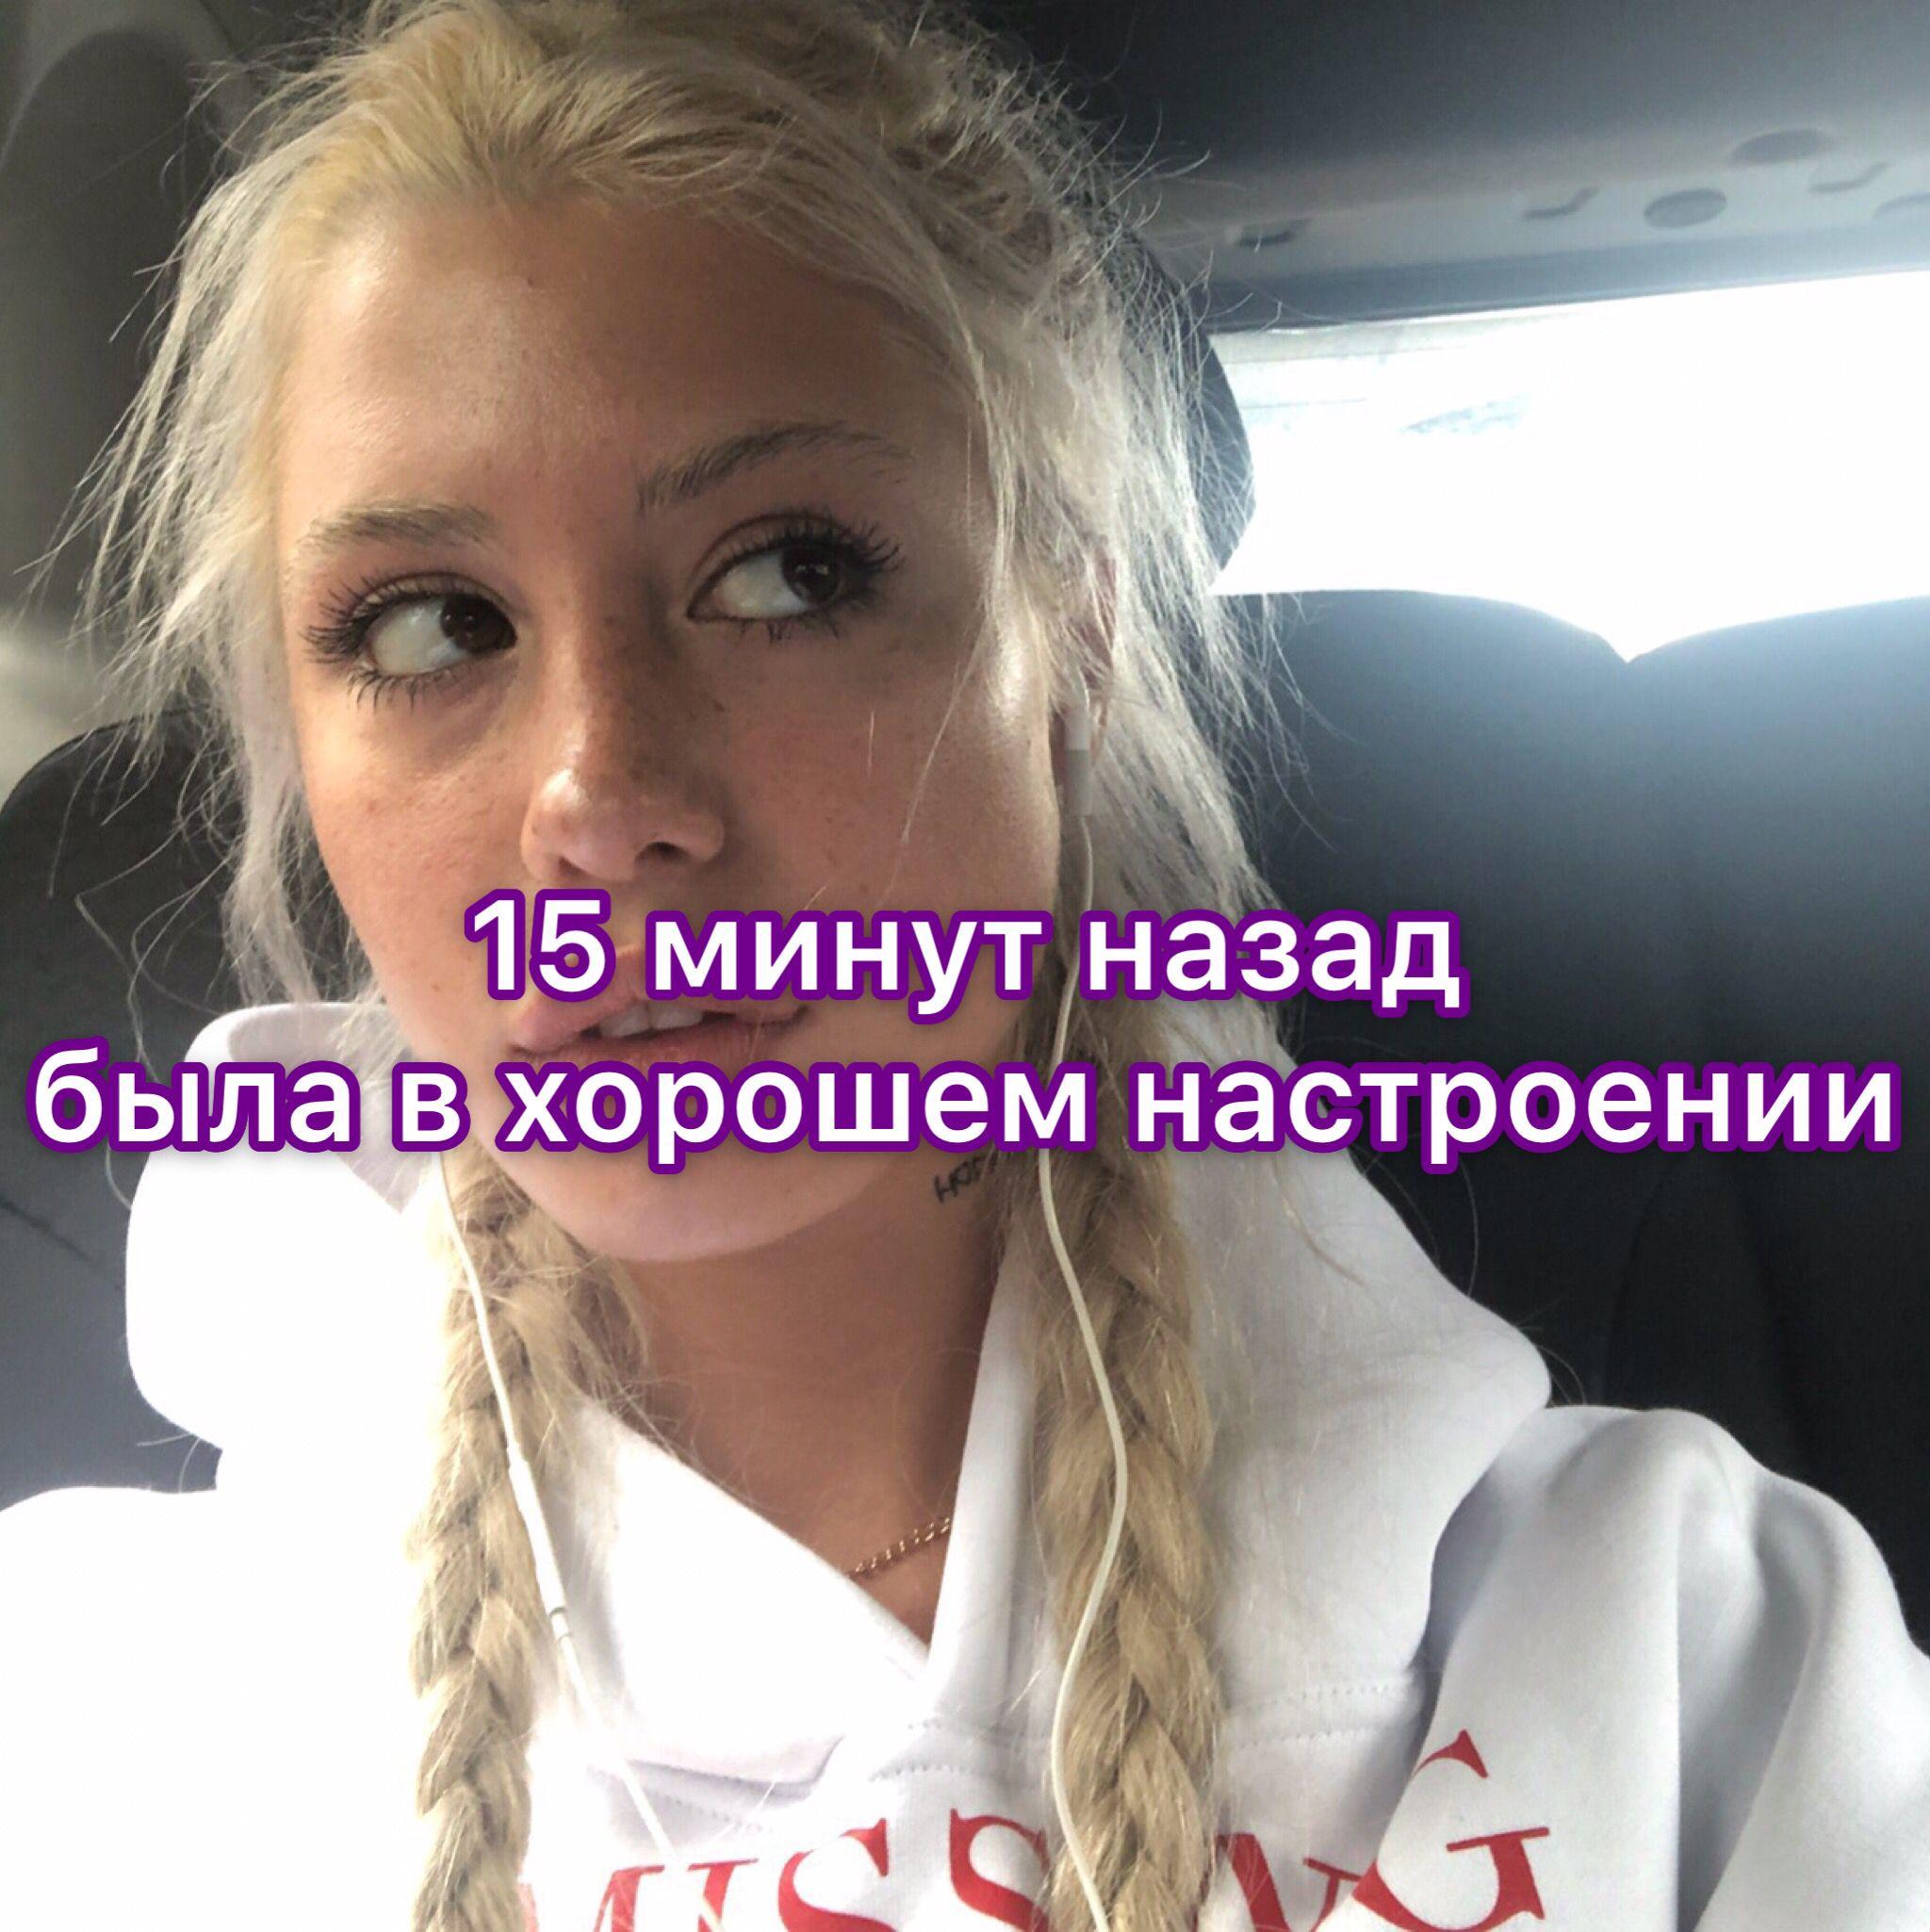 Анна Михеева. Биография. Слив фото, пацанки 3, песни, и ксения милас, и инстасамка, инстаграм